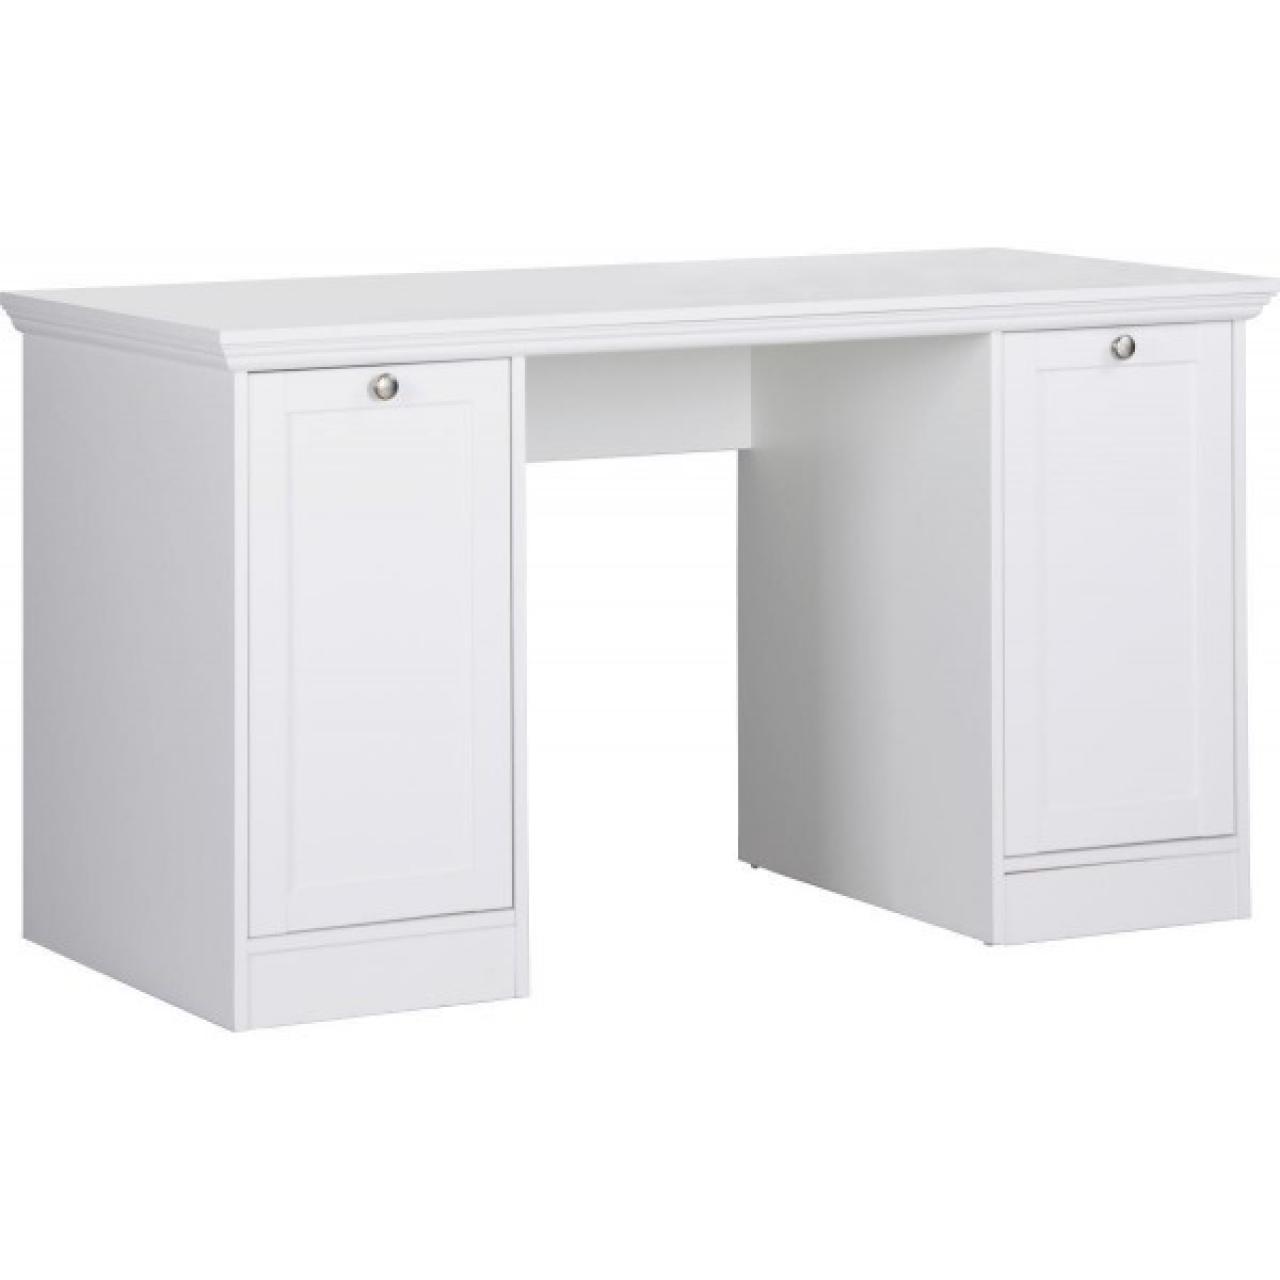 Schreibtisch Landwood Weiß 2 Türen Büro Arbeitszimmer Computertisch Tisch MDF